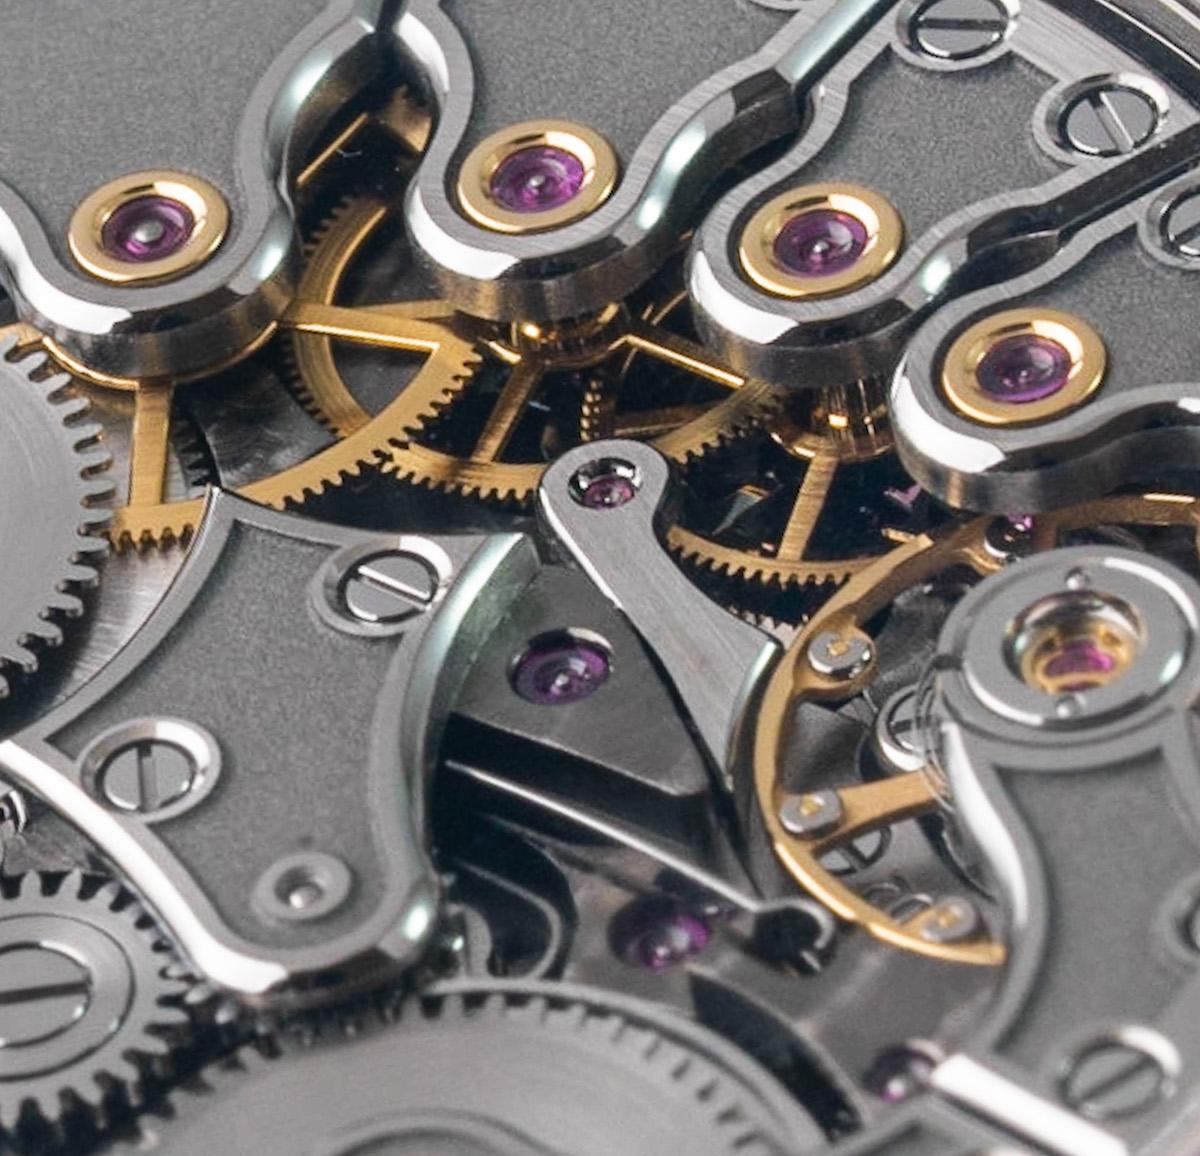 Collectors Series - chronoapothecarist Gronefeld One Hertz Techniek